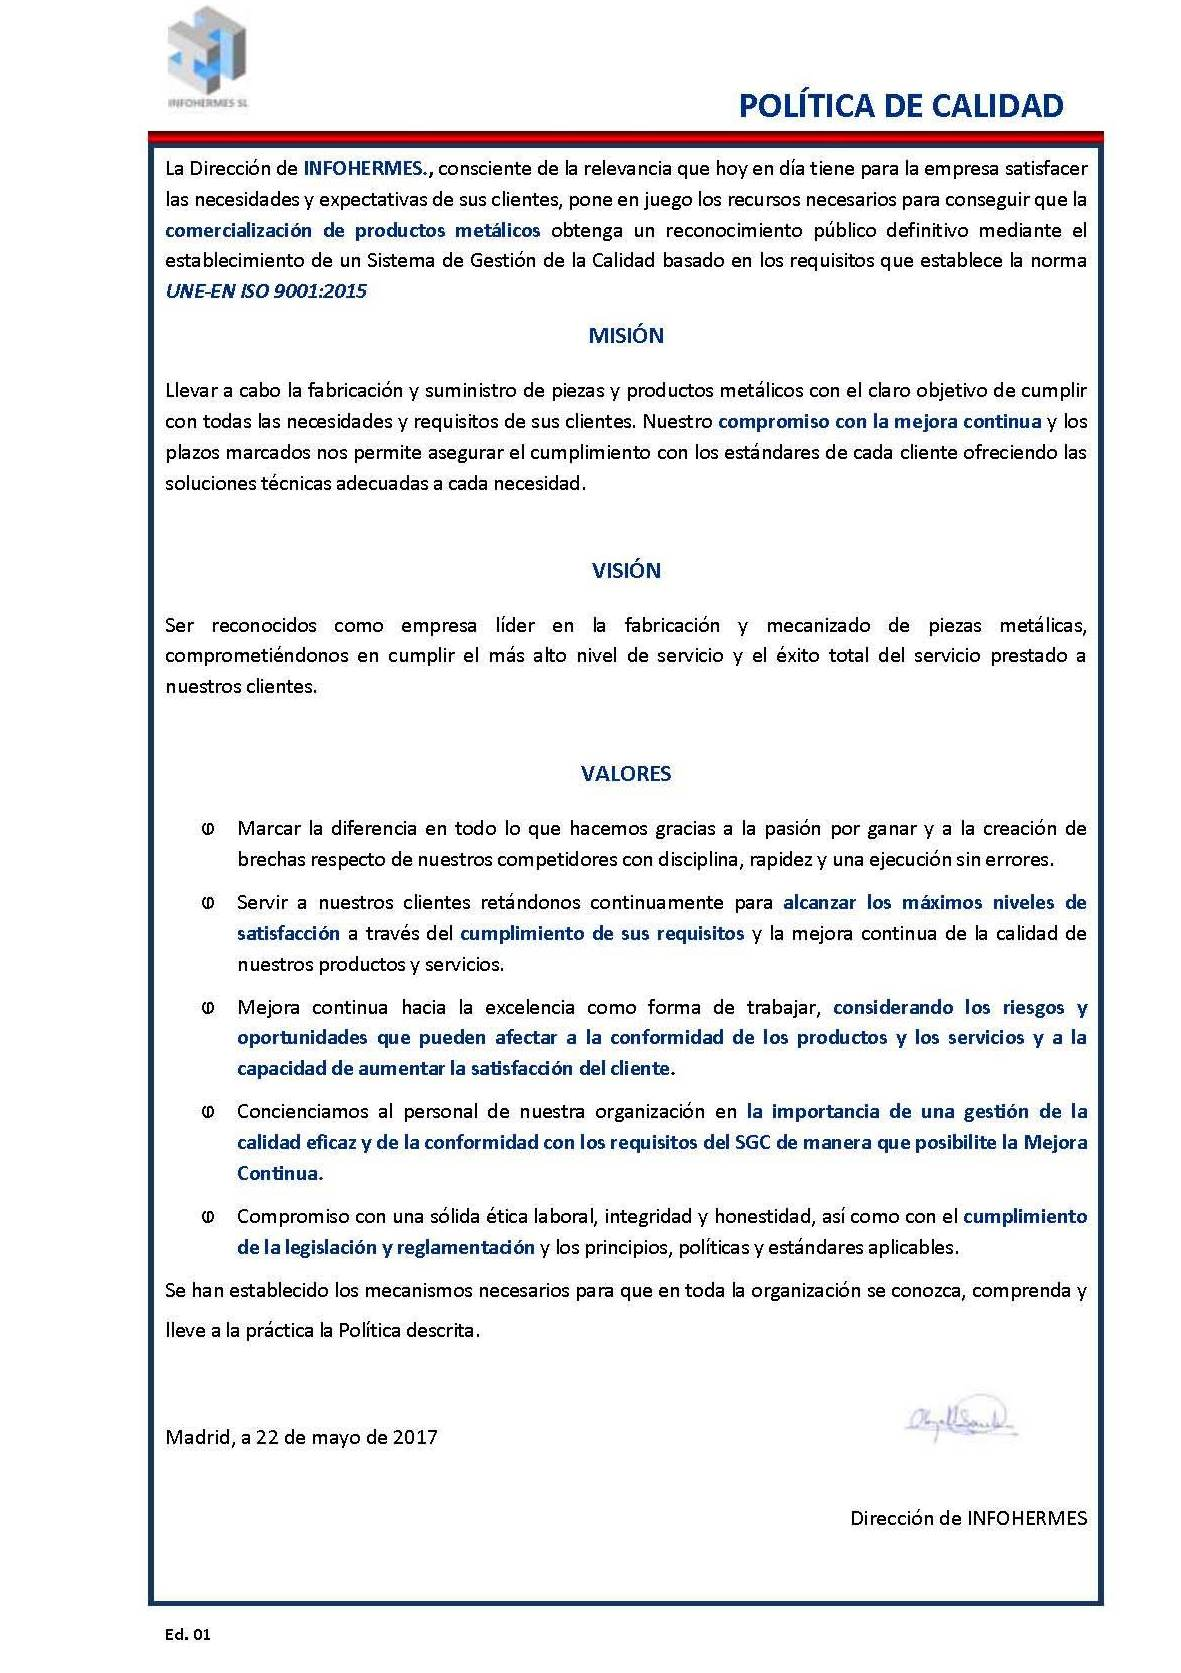 Politica de calidad: Servicios de INFOHERMES, S.L.